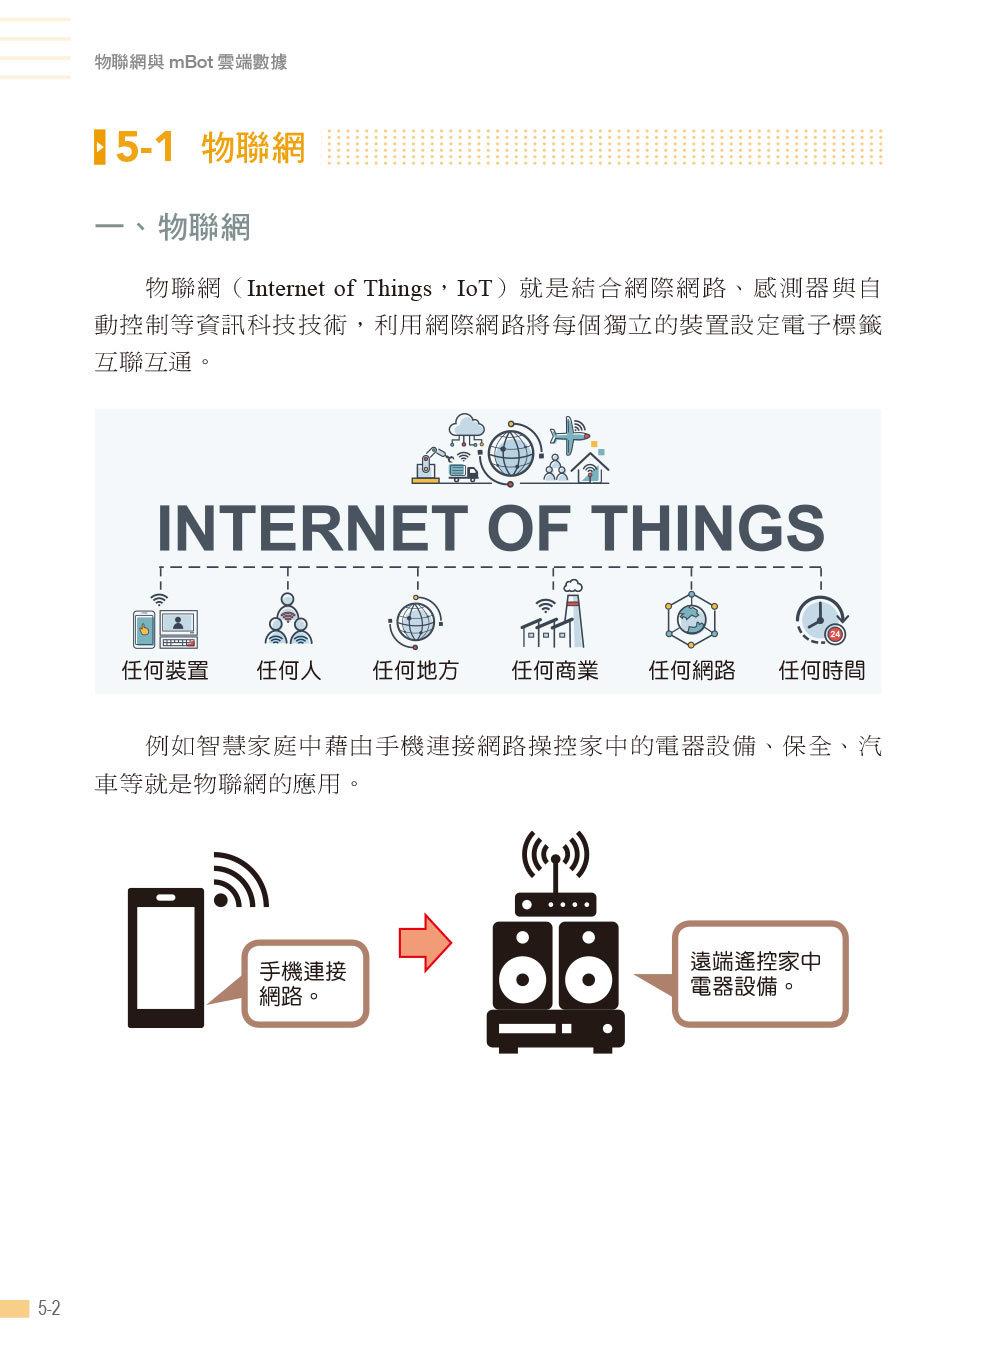 人工智慧 mBot 機器人互動程式設計:AI人工智慧、IoT物聯網、大數據與ML機器深度學習-preview-2